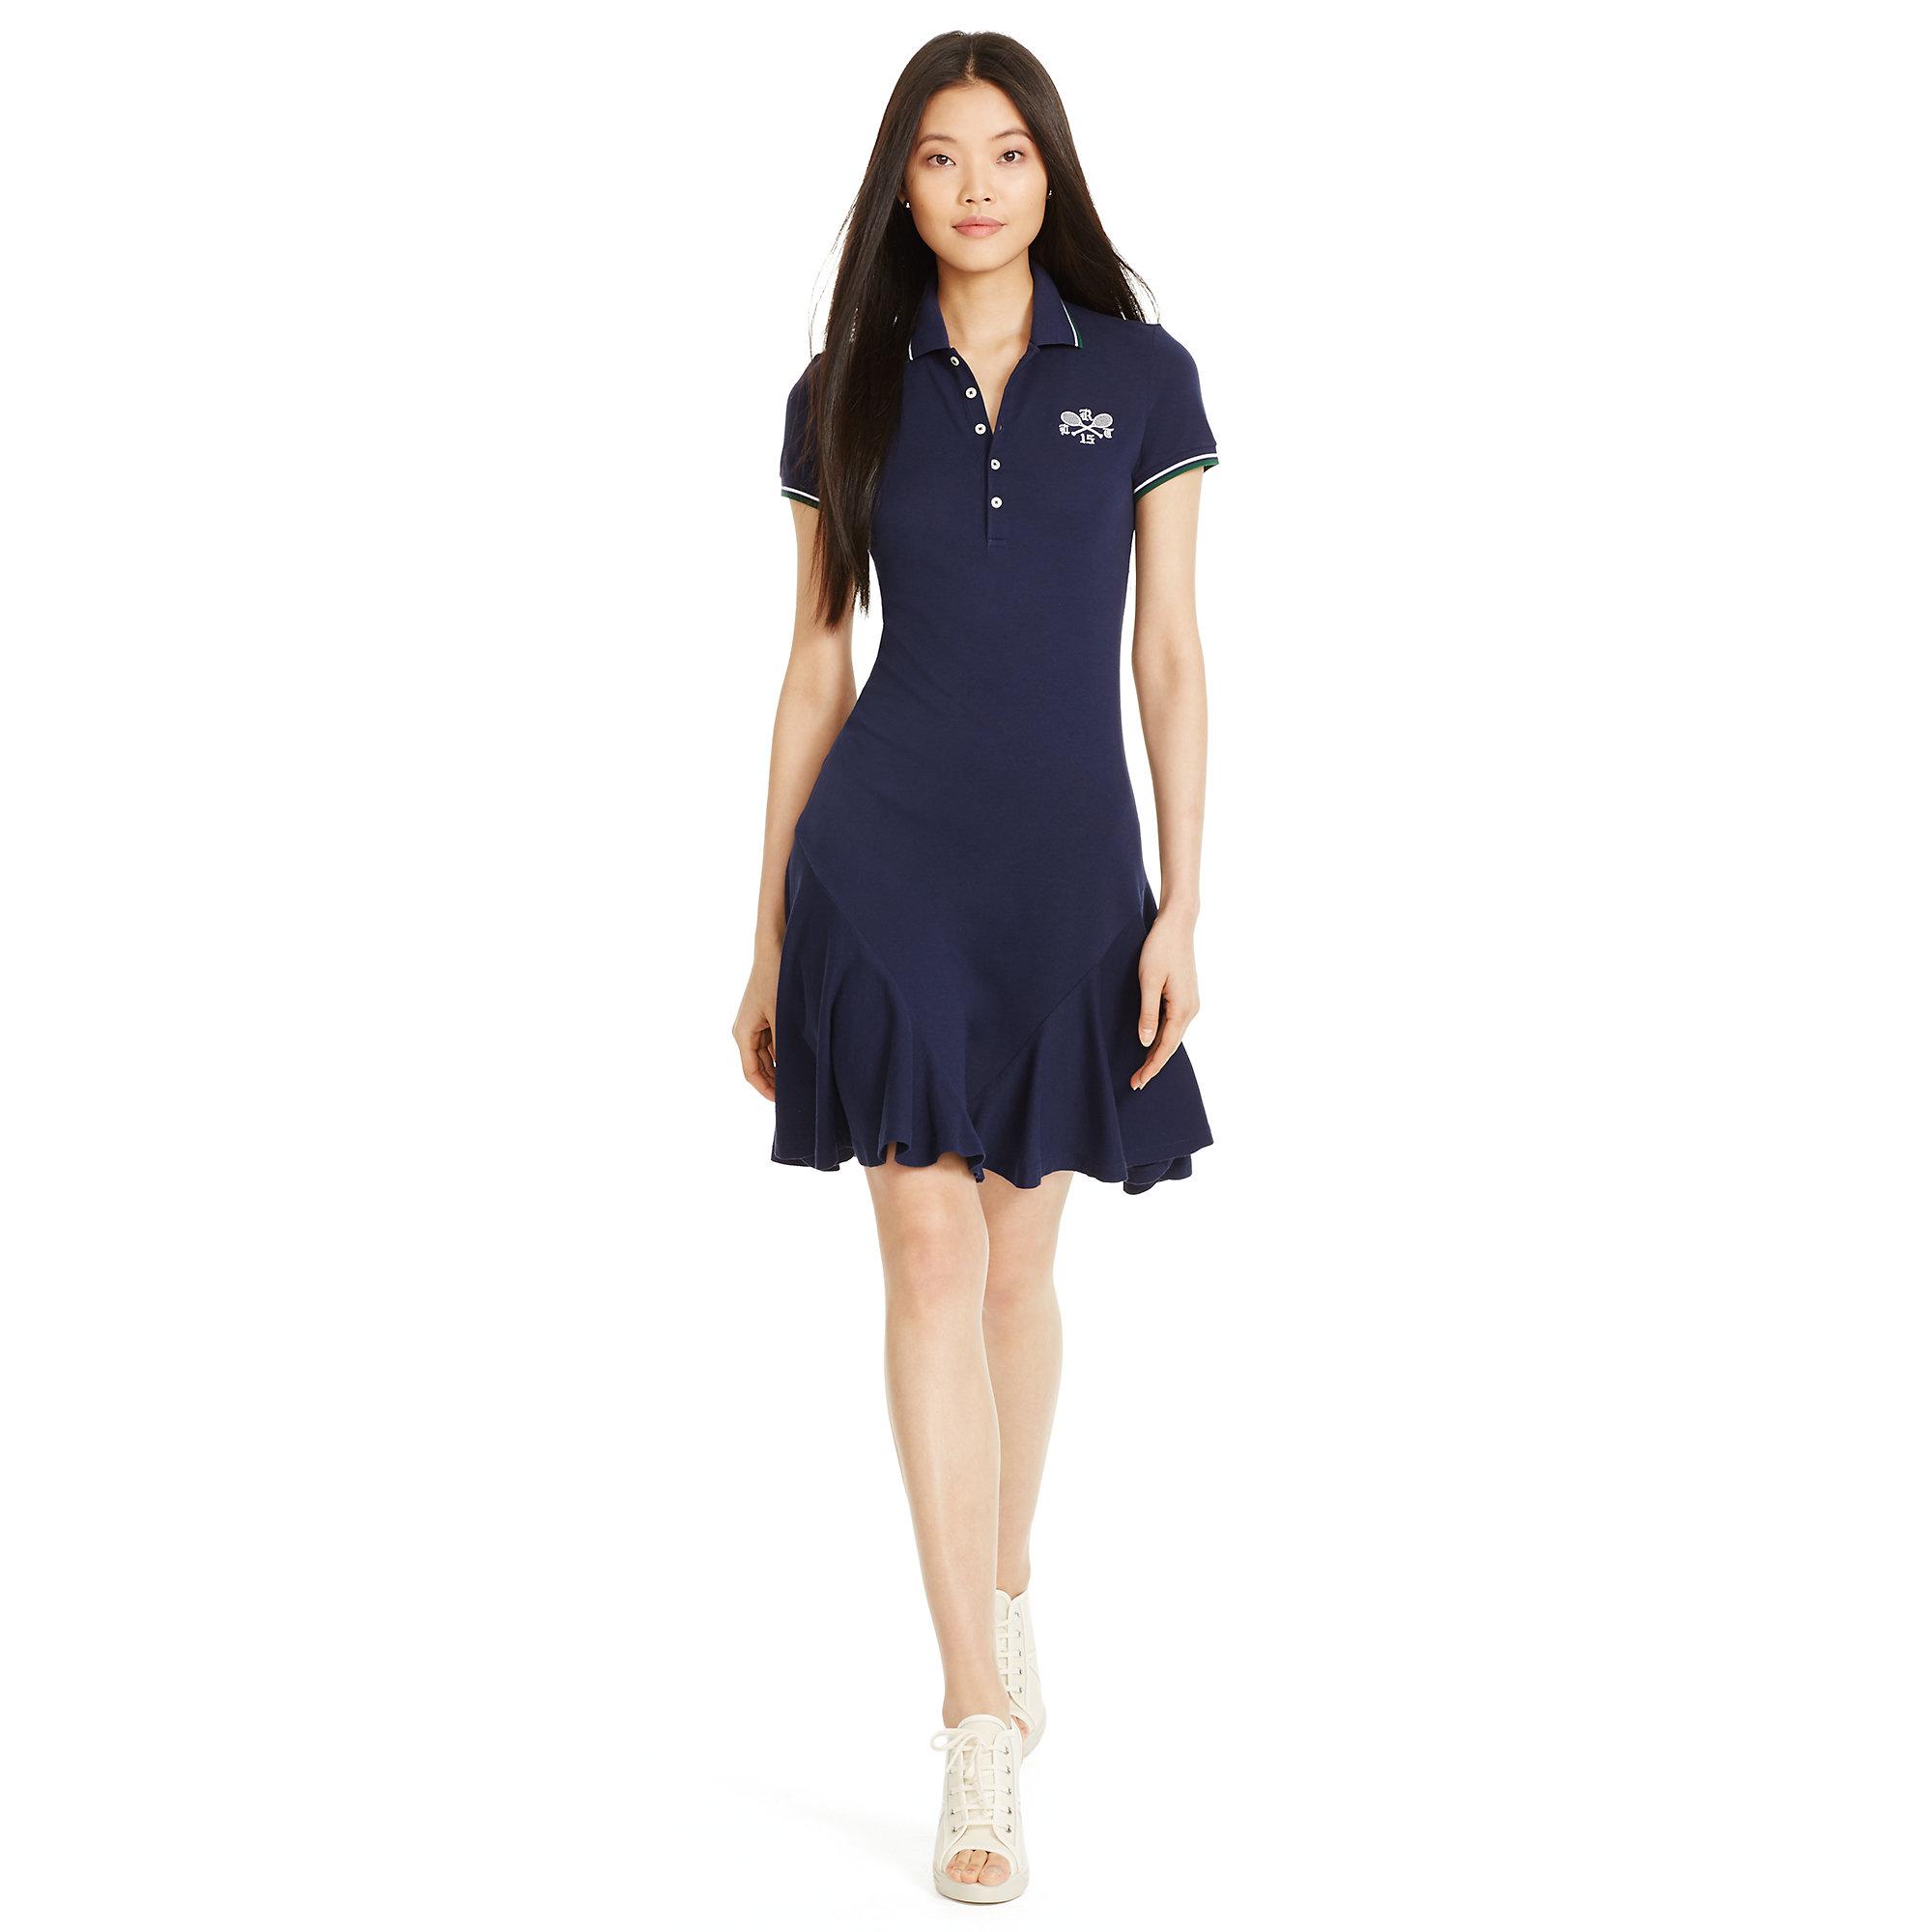 4d0551afb593b Lyst - Polo Ralph Lauren Wimbledon Piqué Mesh Dress in Blue